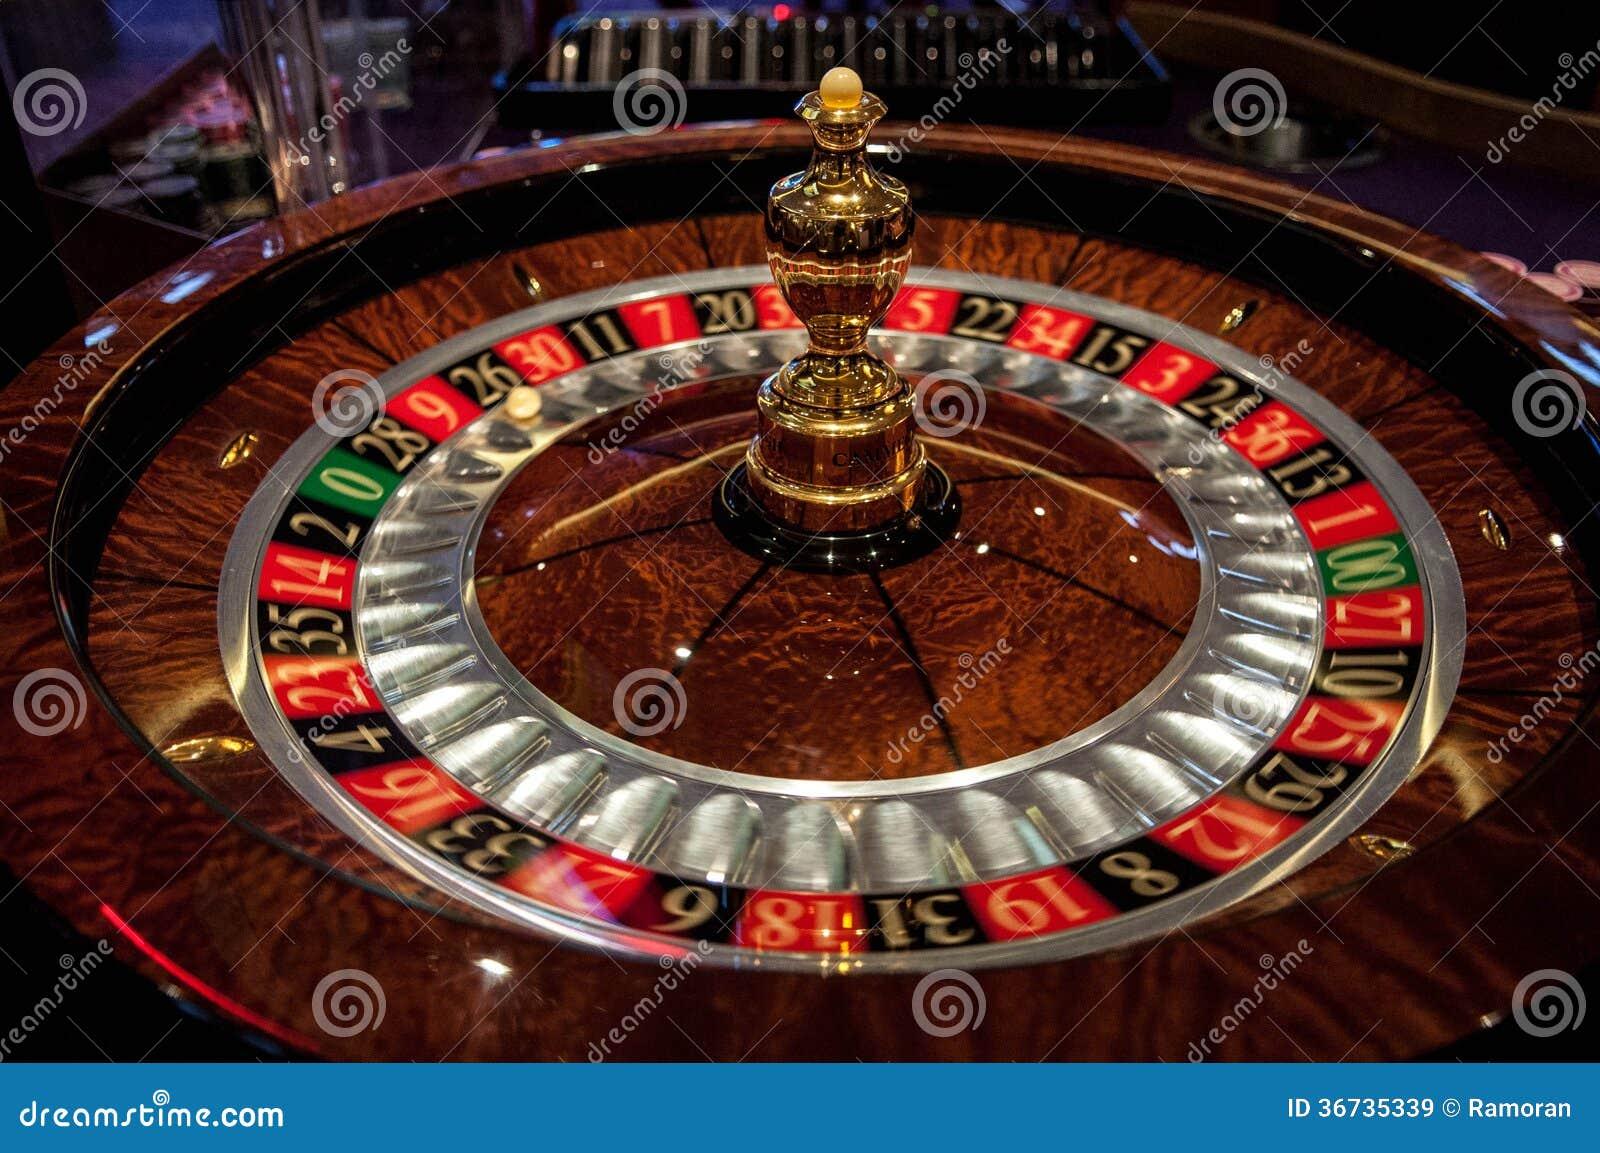 Live Casino -185467